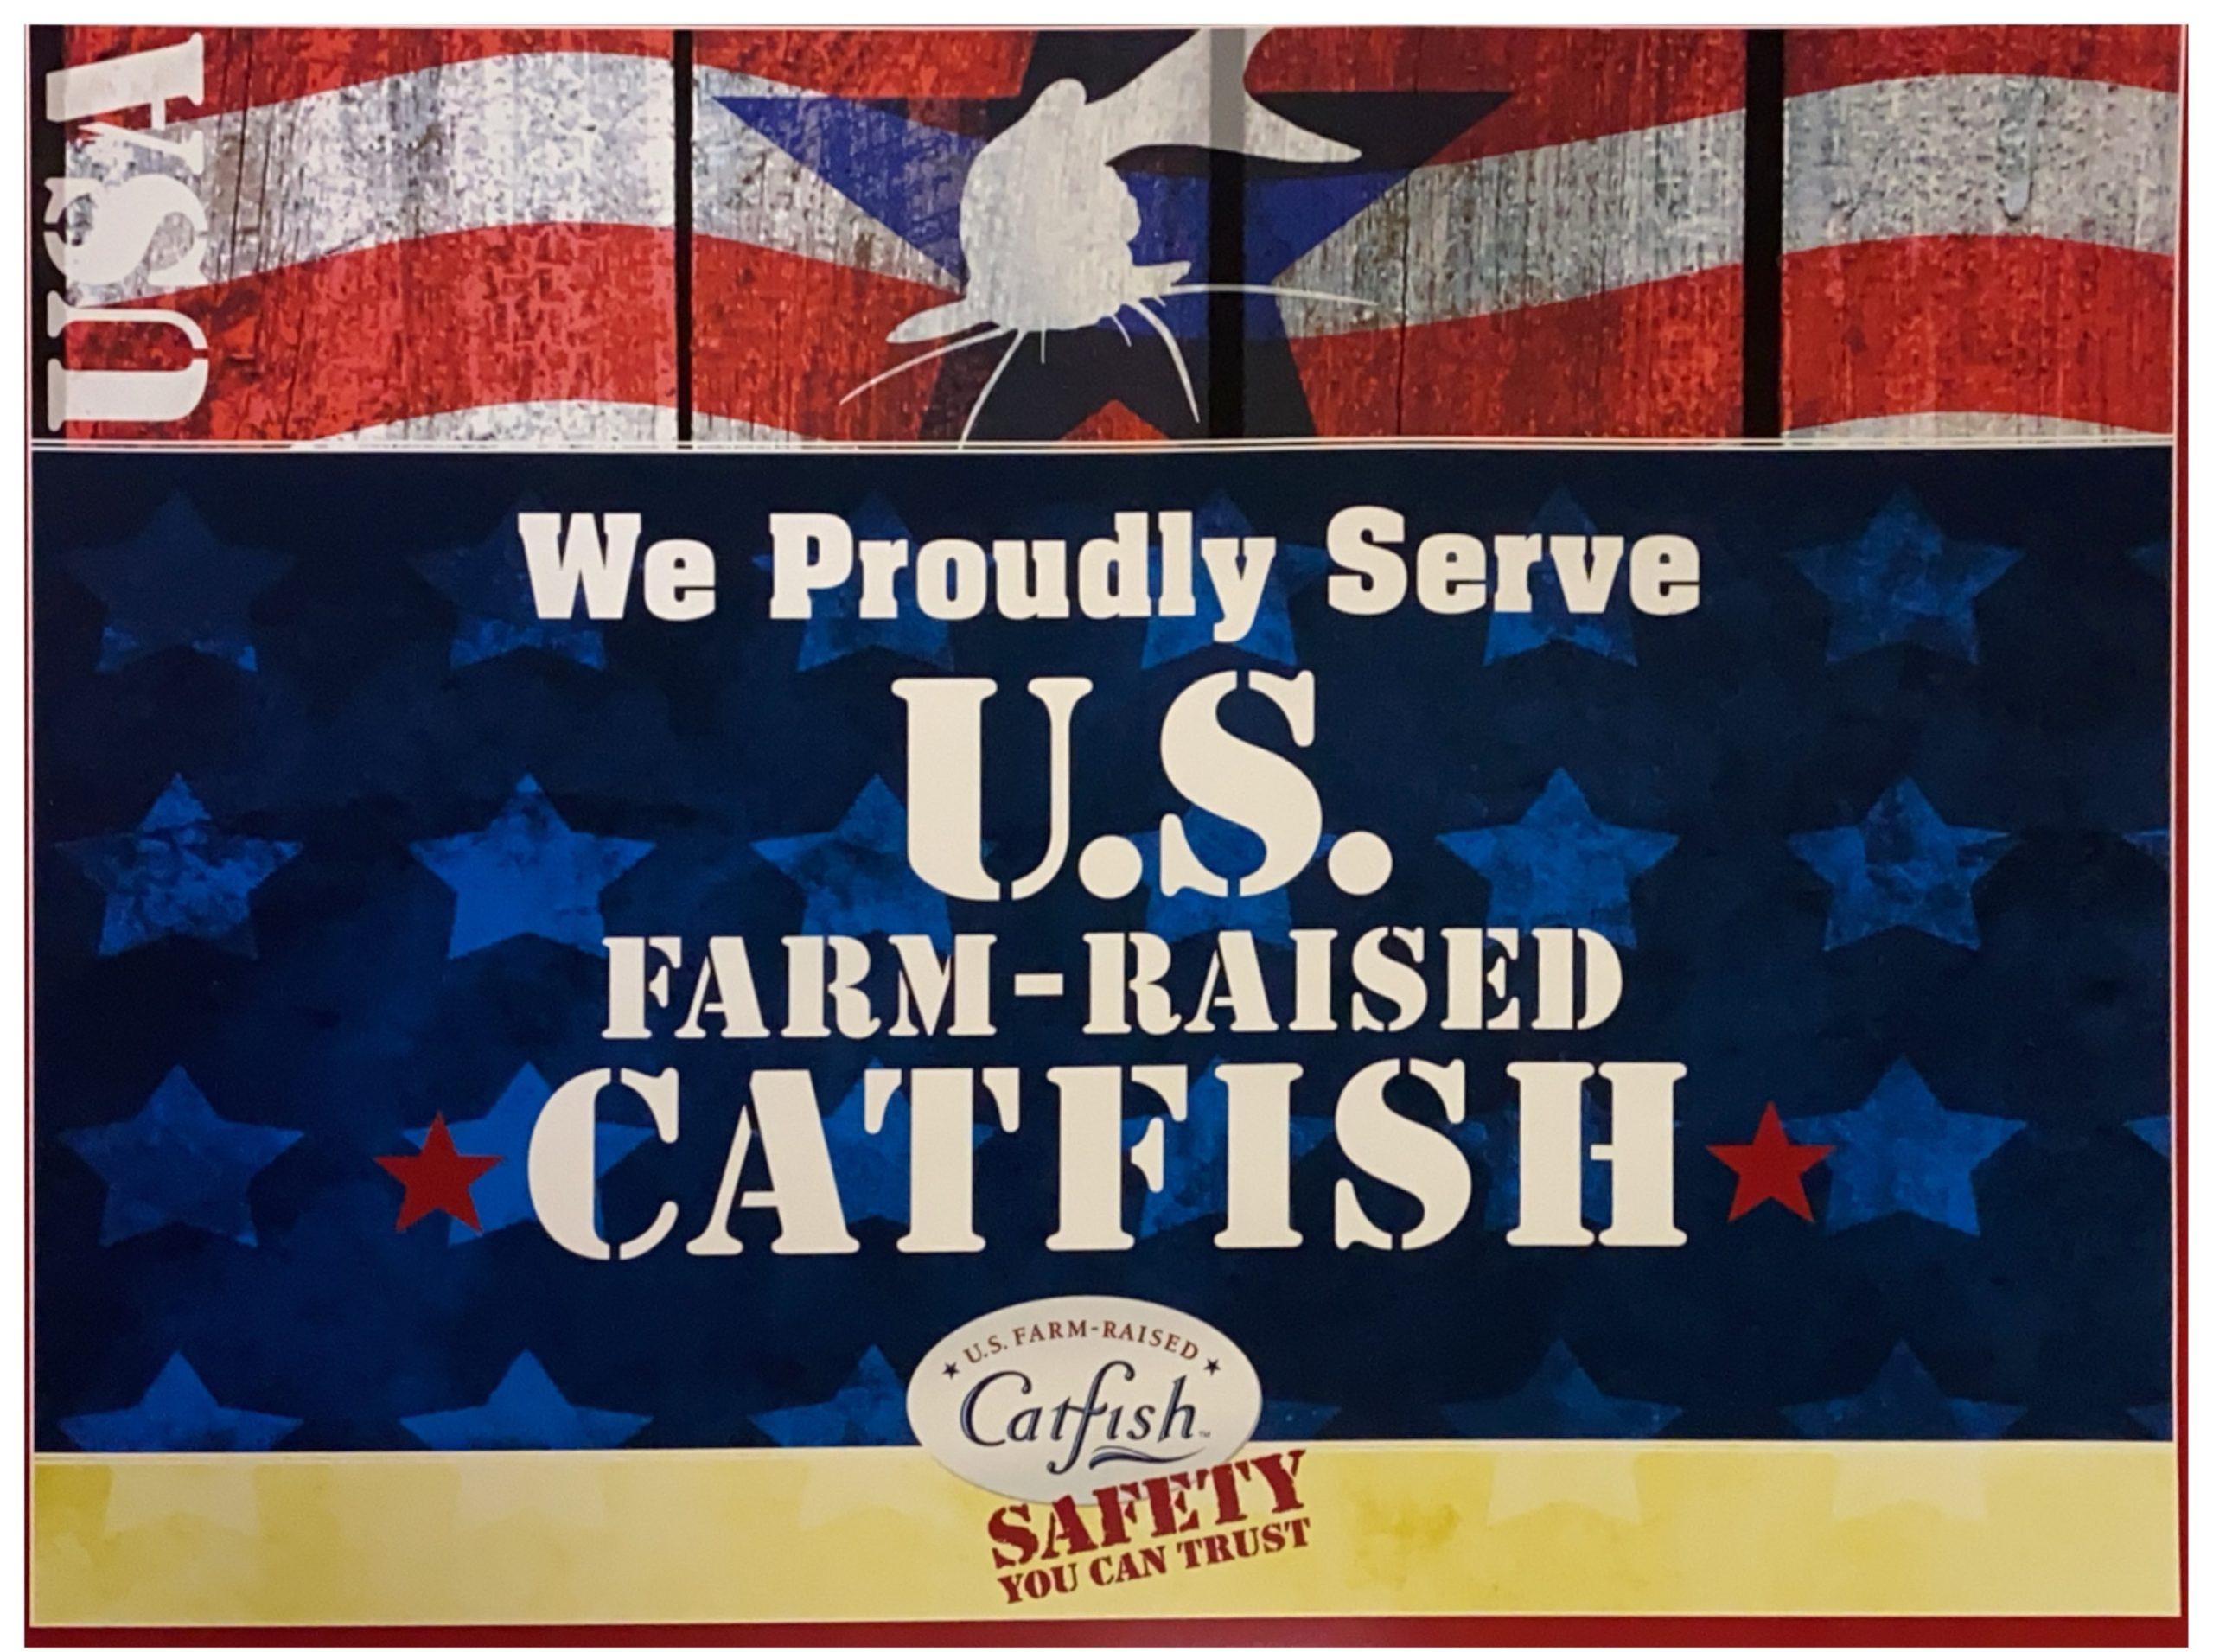 Premium Catfish – Superior Flavor!